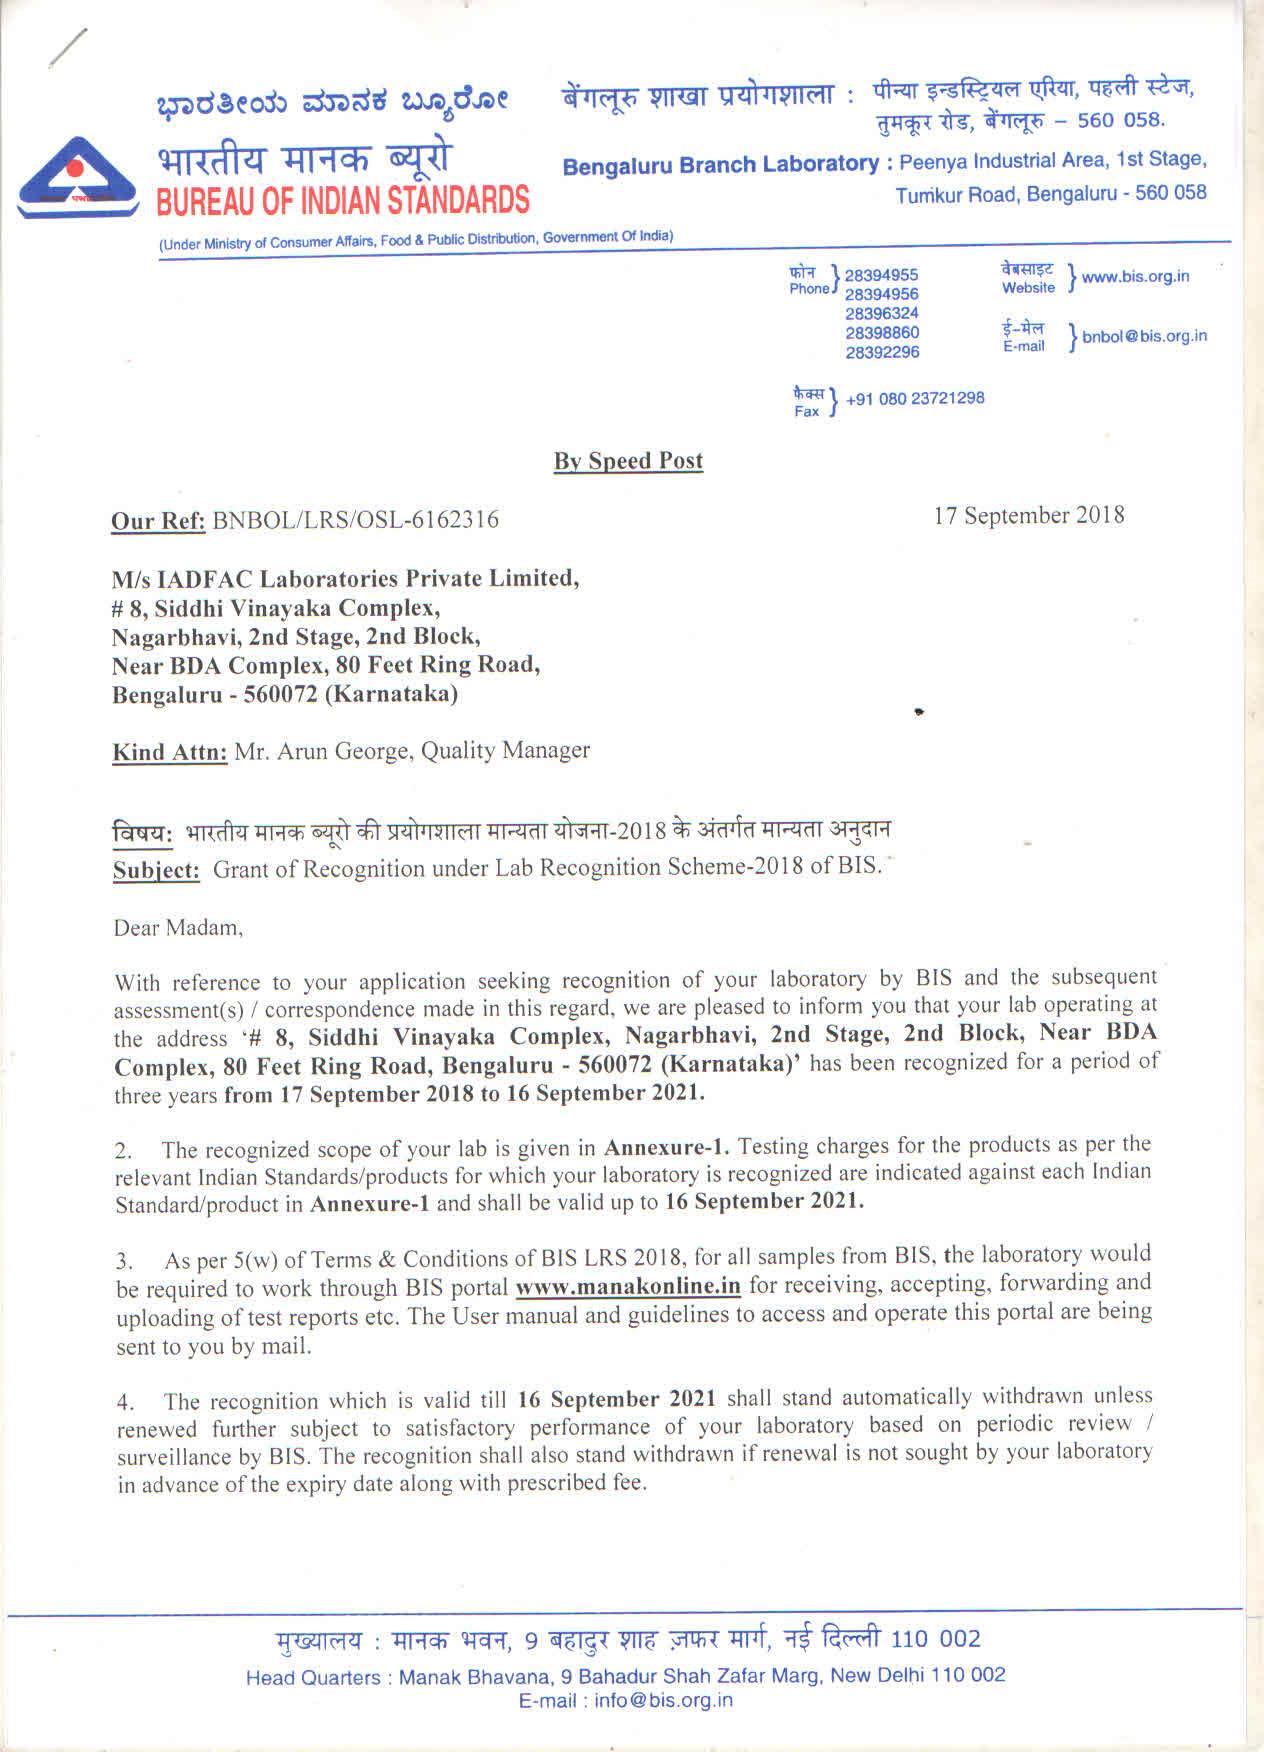 BIS1 Letter